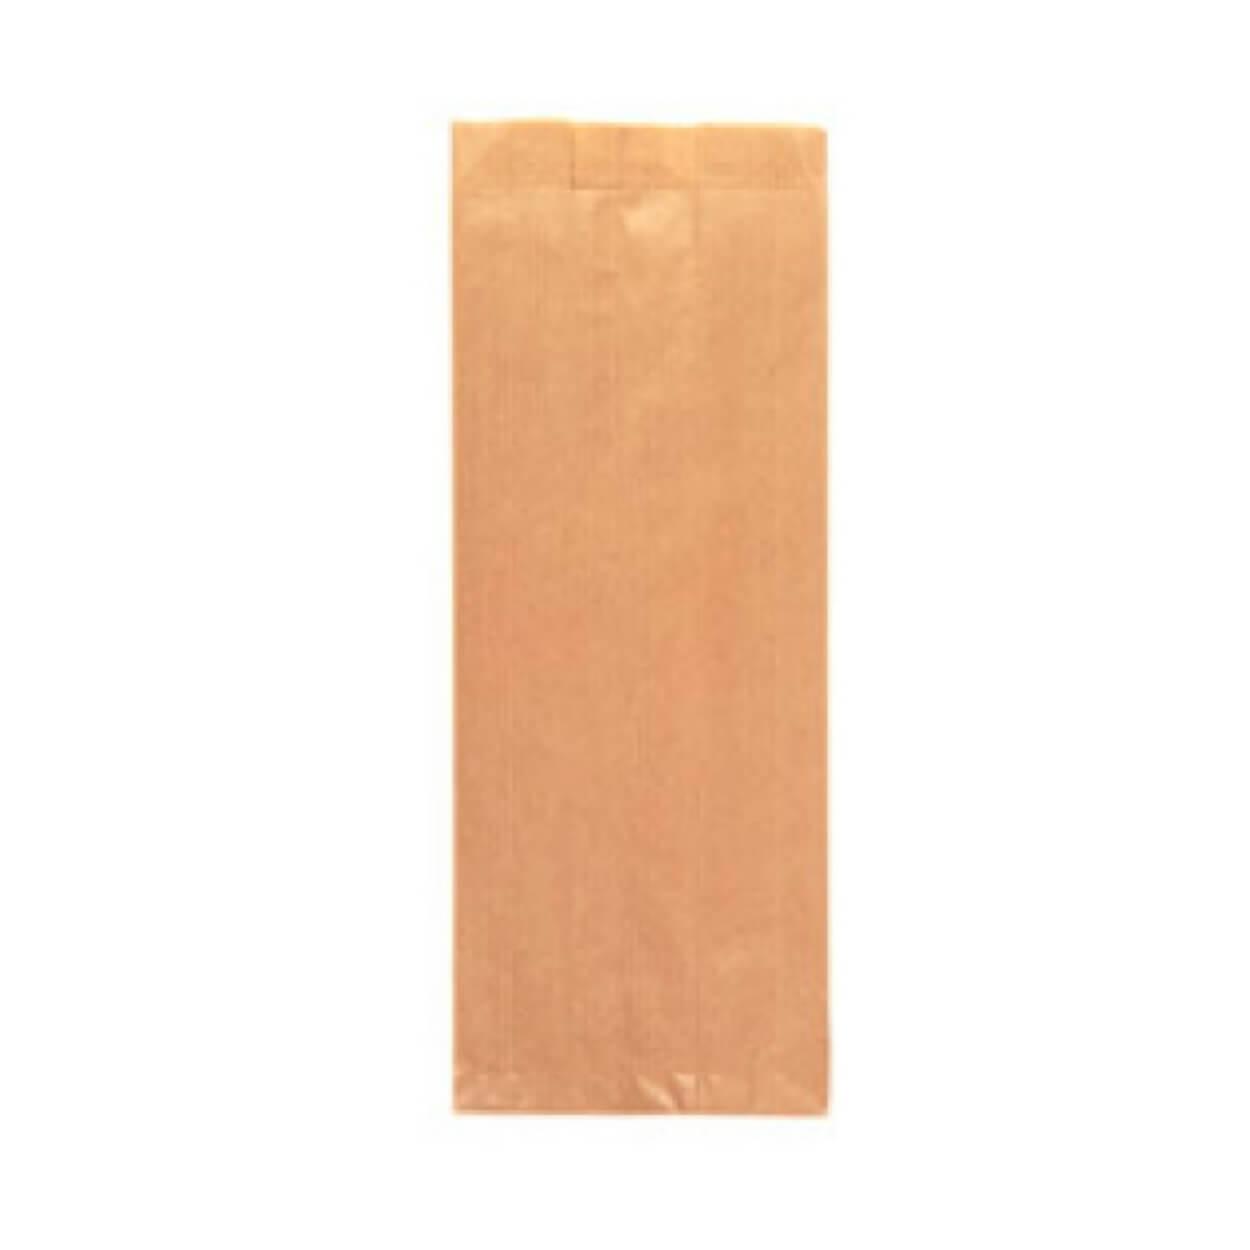 ΣΑΚΟΥΛΑΚΙ ΒΕΖΙΤΑΛ ΚΡΑΦΤ 9,5×27